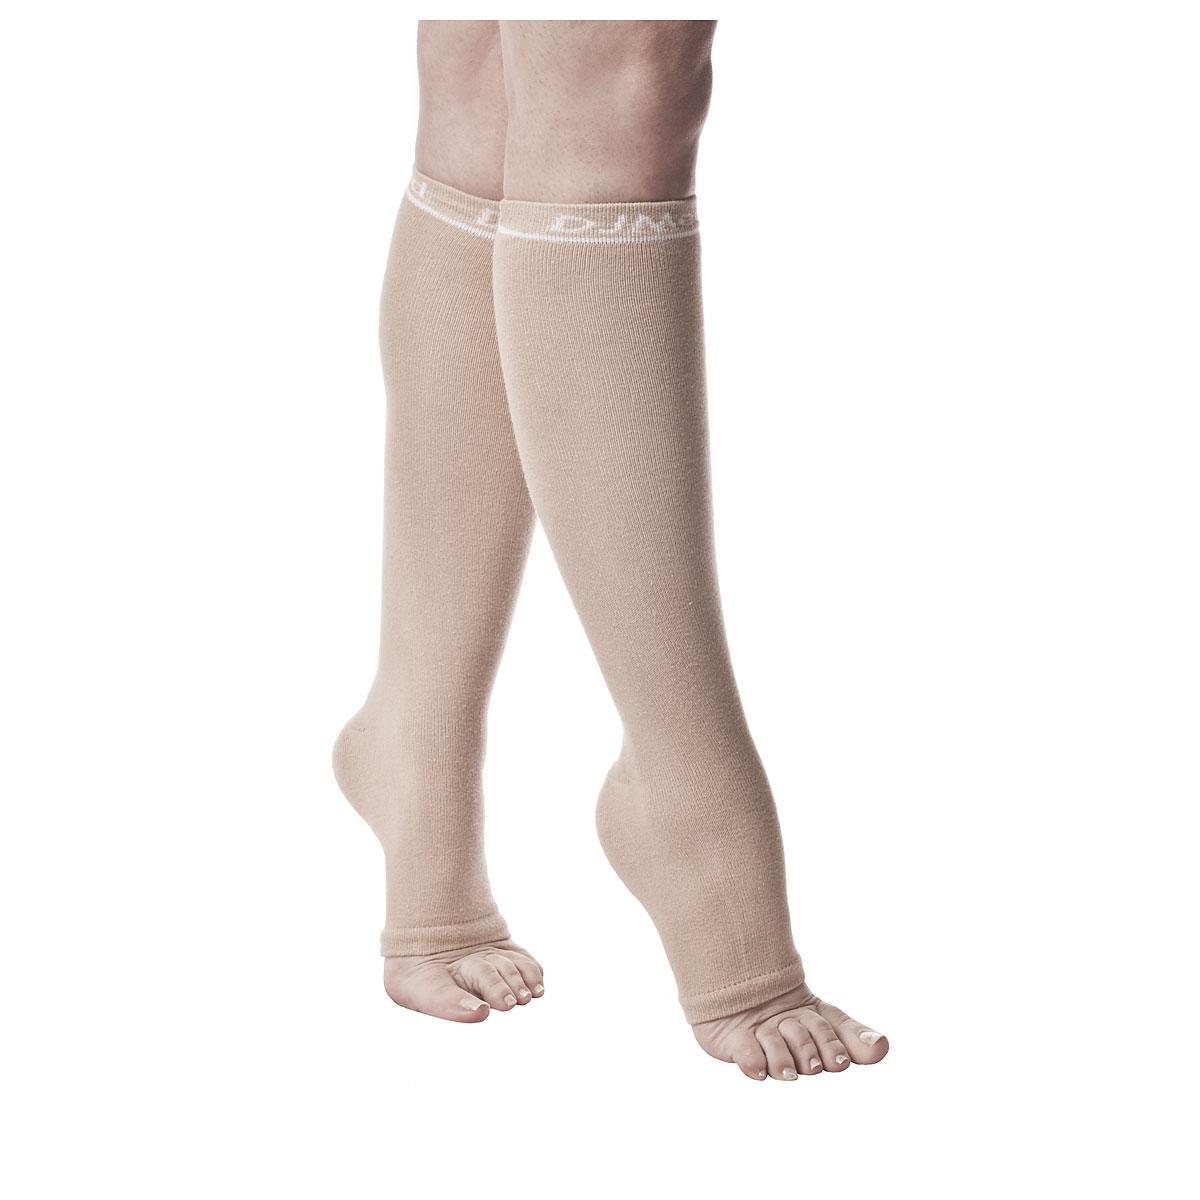 Leg Skin Protectors